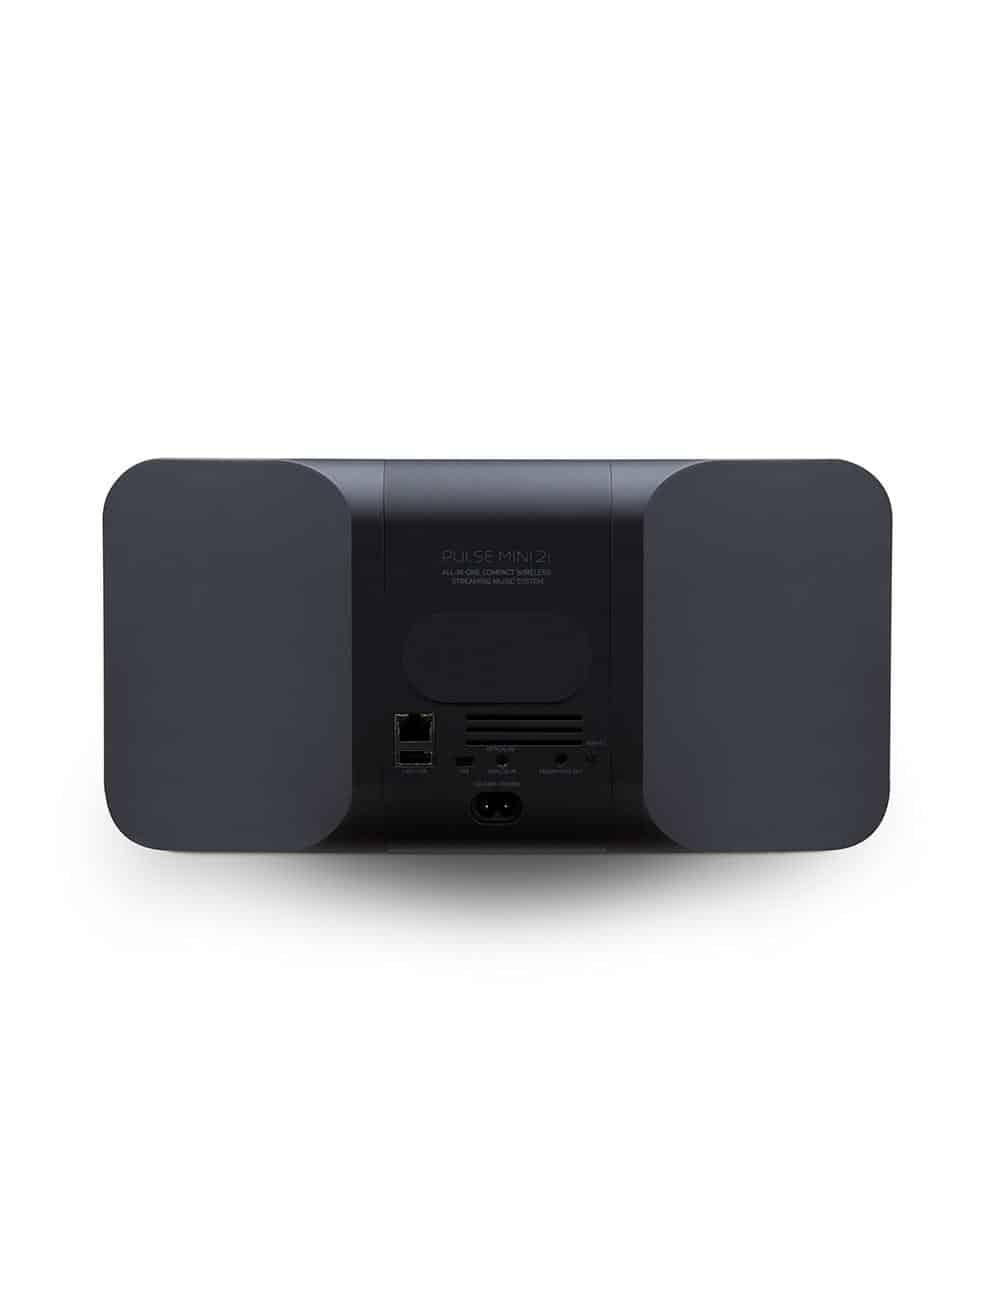 diffusore wireless streaming HiFi, Bluesound Pulse Mini 2i, vista posteriore pannello connessioni, finitura nero